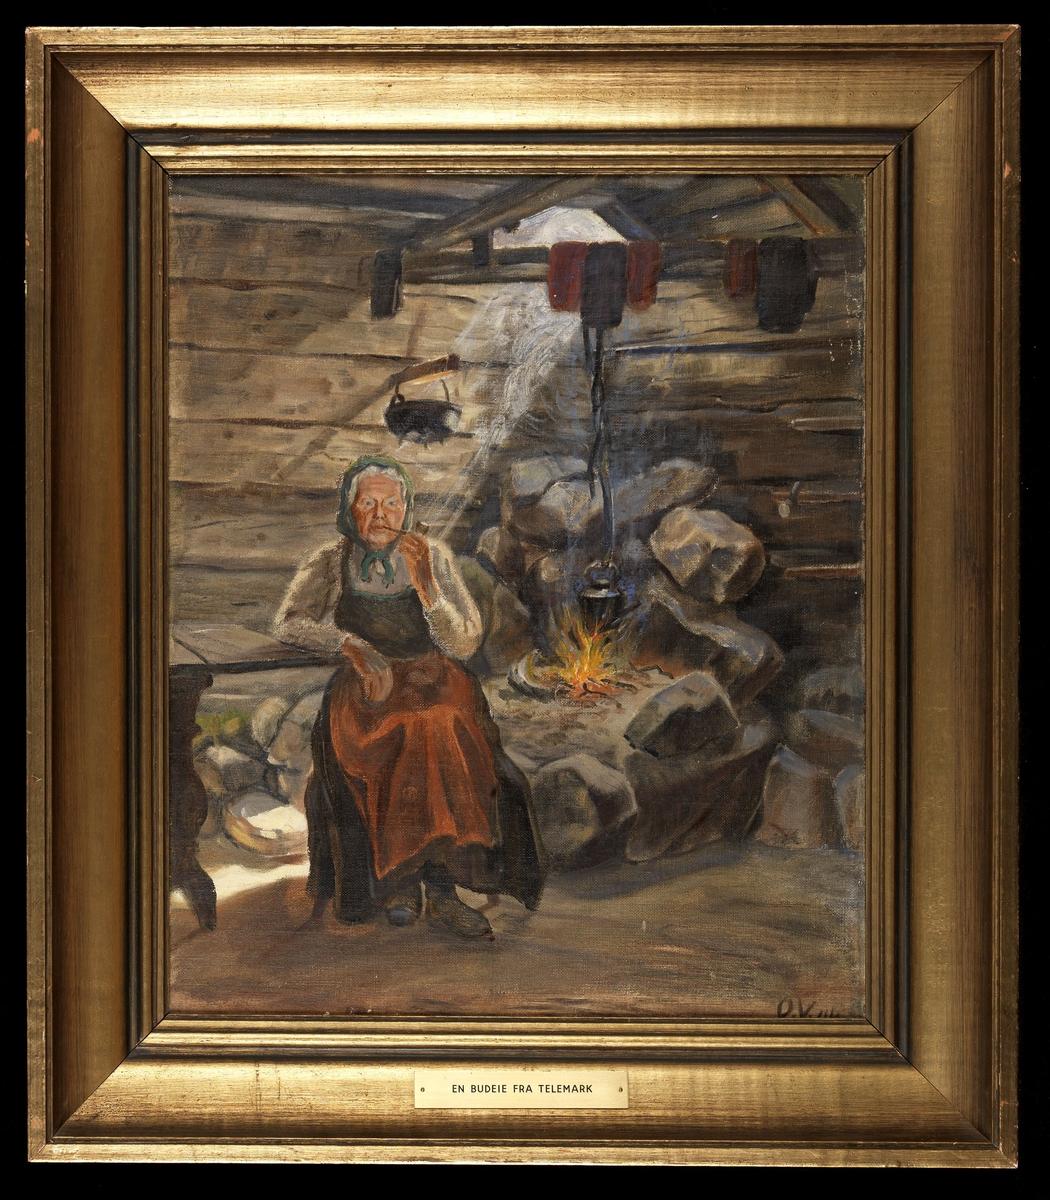 Interiør; grue uten hette i hj., tømmervegger, snipp av bord, sittende gammel kvinne som røker pipe, rødt forkle